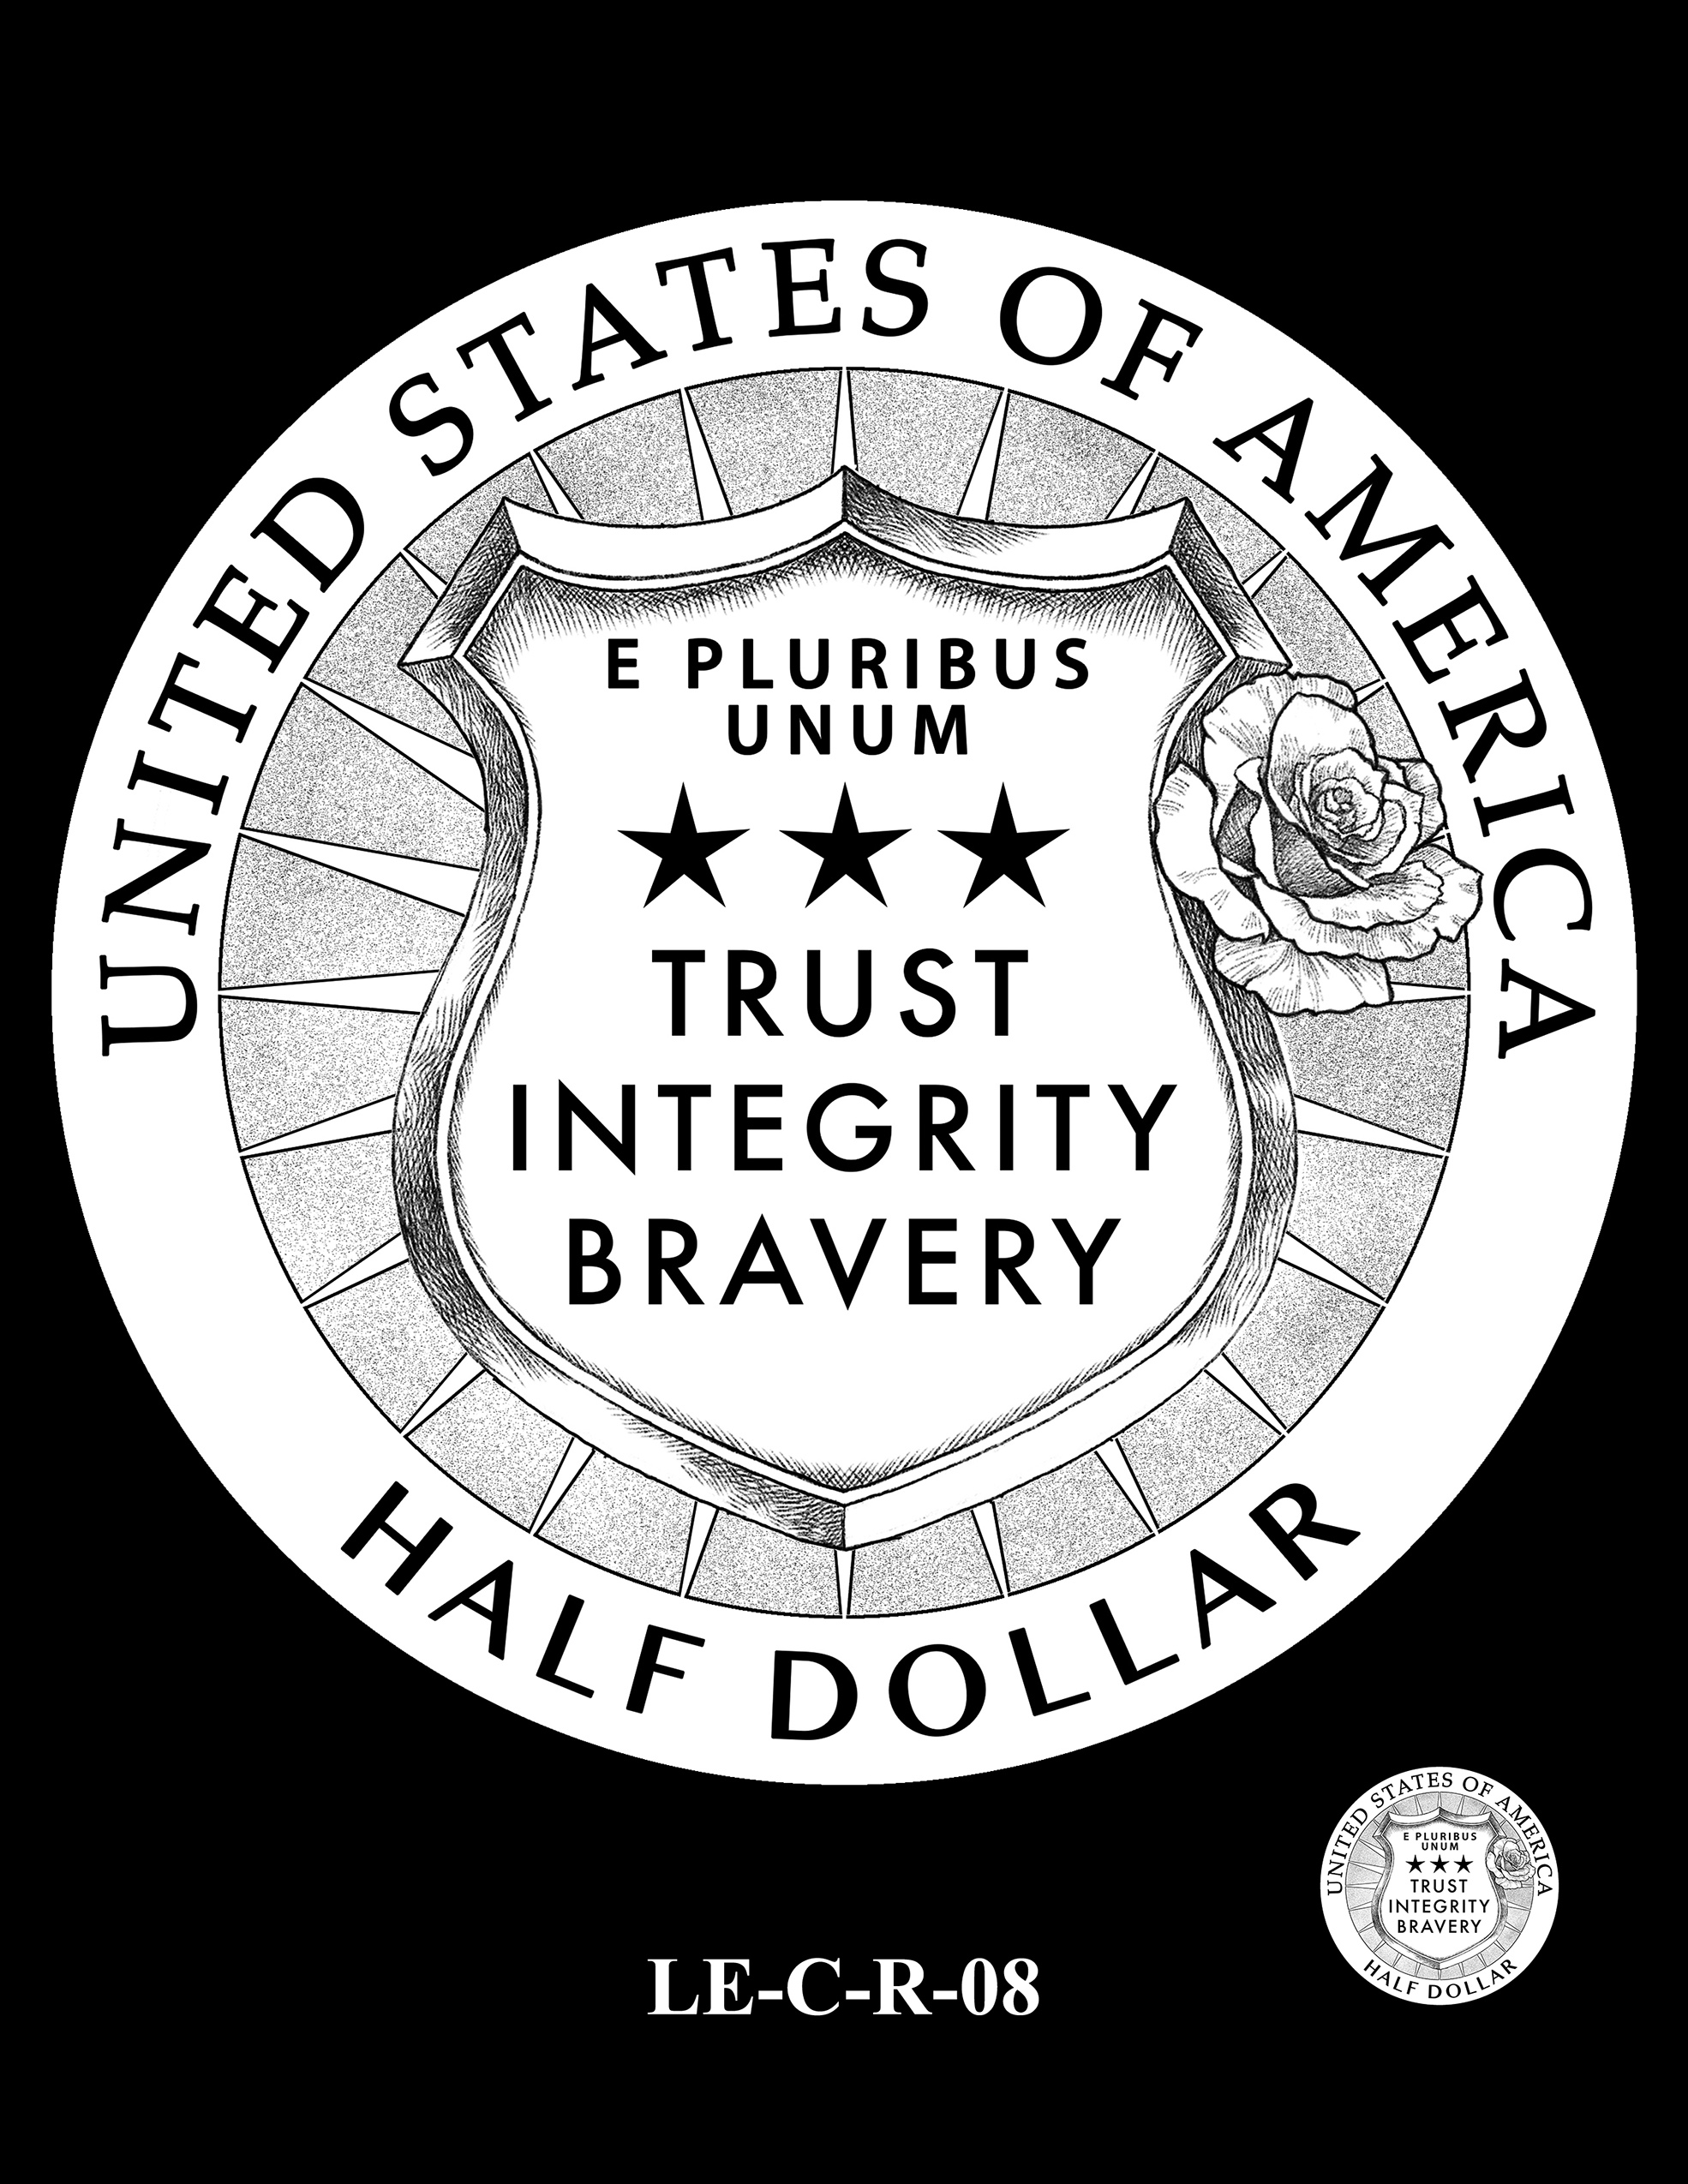 LE-C-R-08 -- National Law Enforcement Museum Commemorative Coin Program